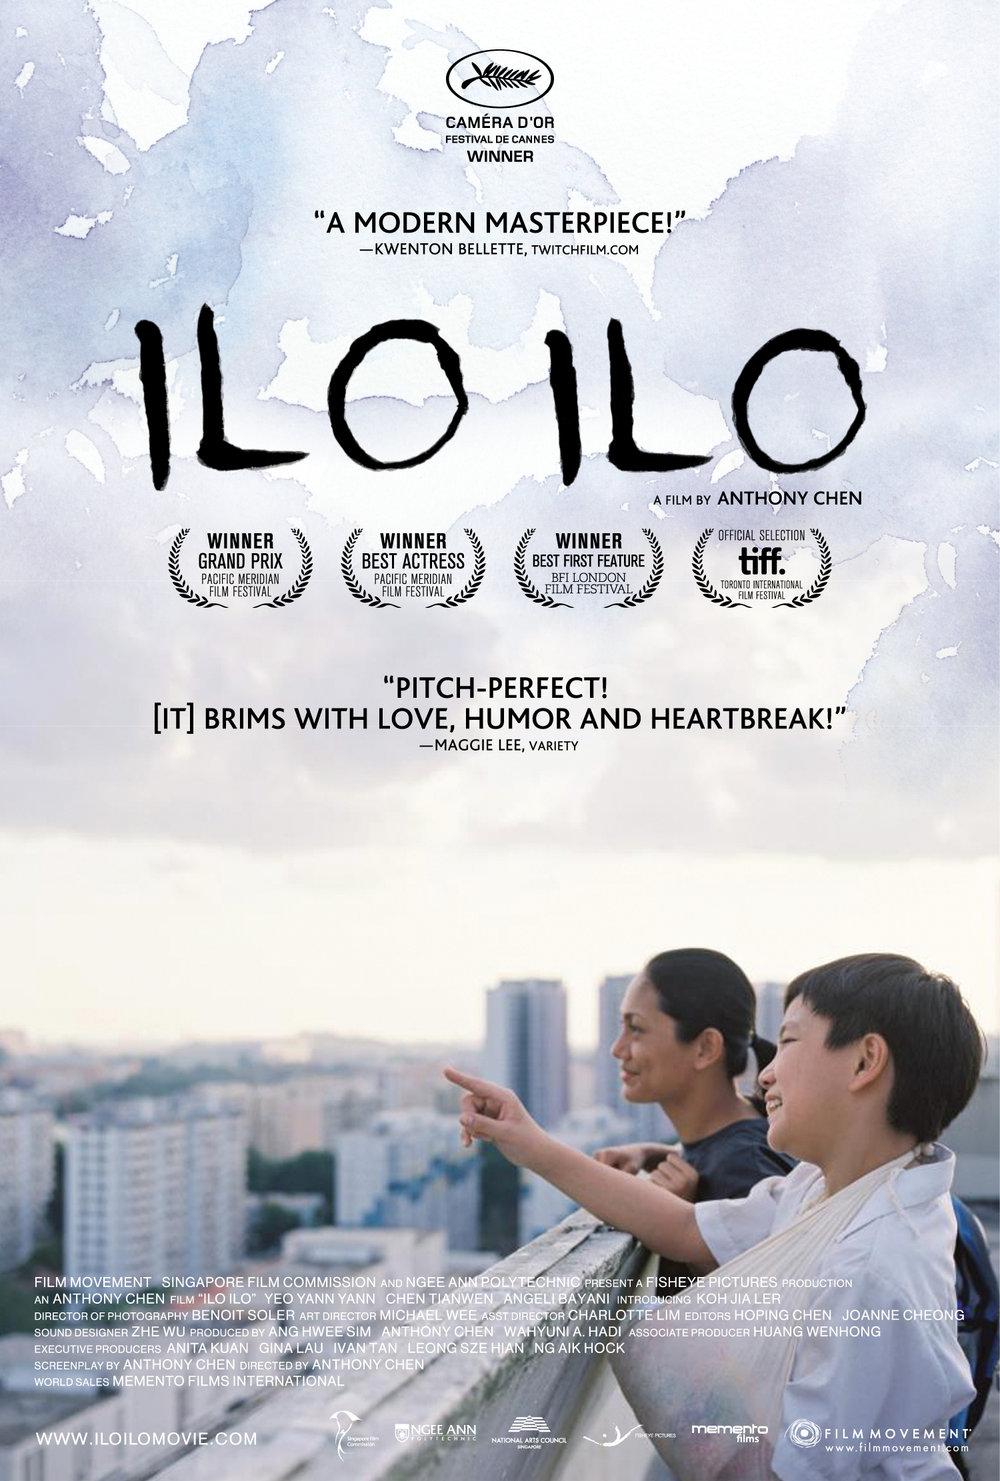 ILO ILO final.jpg